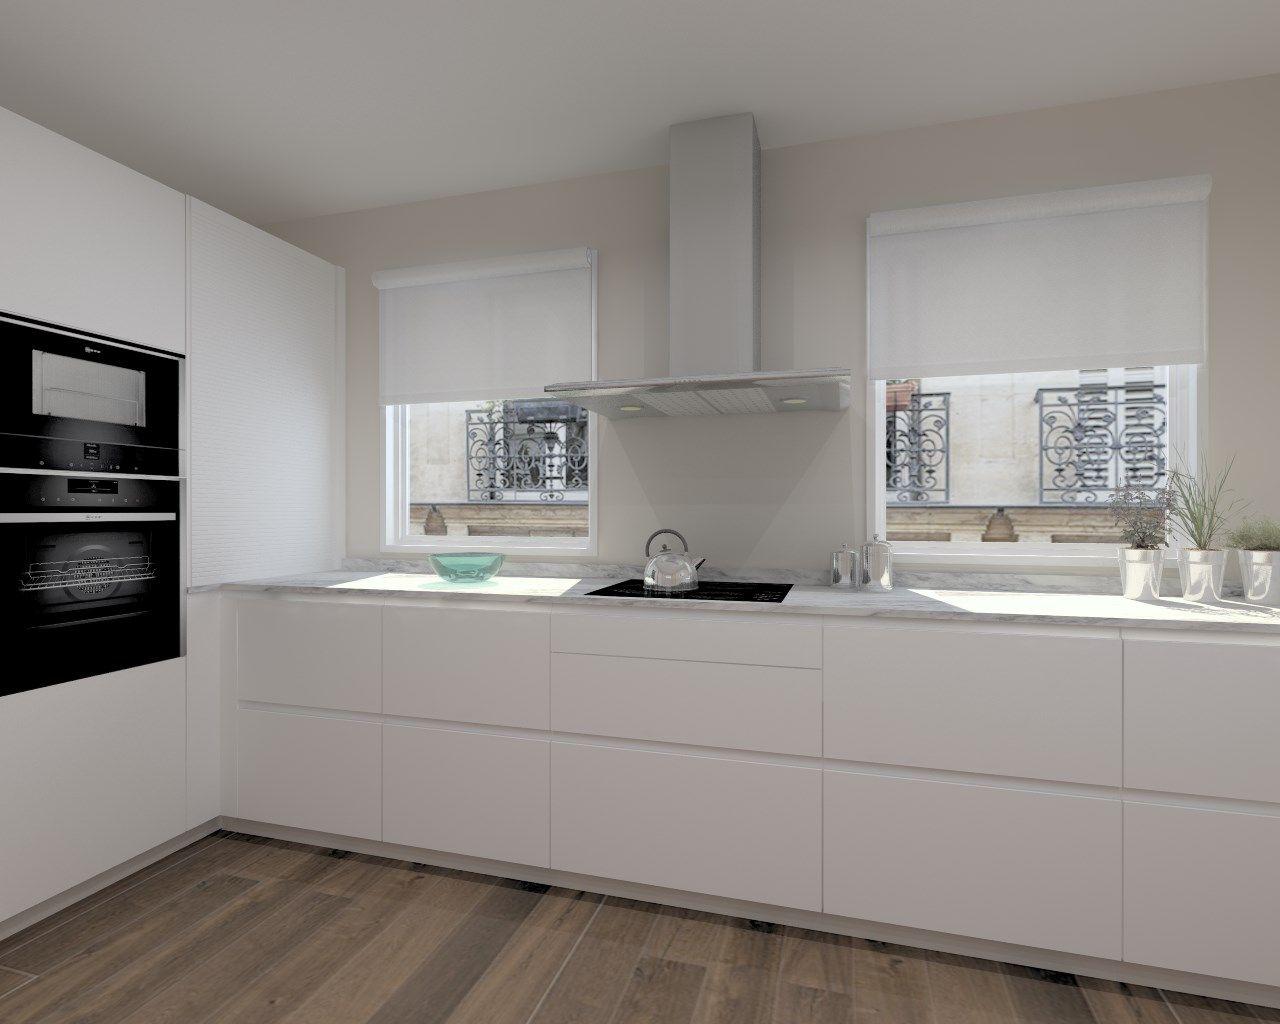 Cocinas santos modelo line laca seda blanco encimera for Cocina blanca encimera granito negra